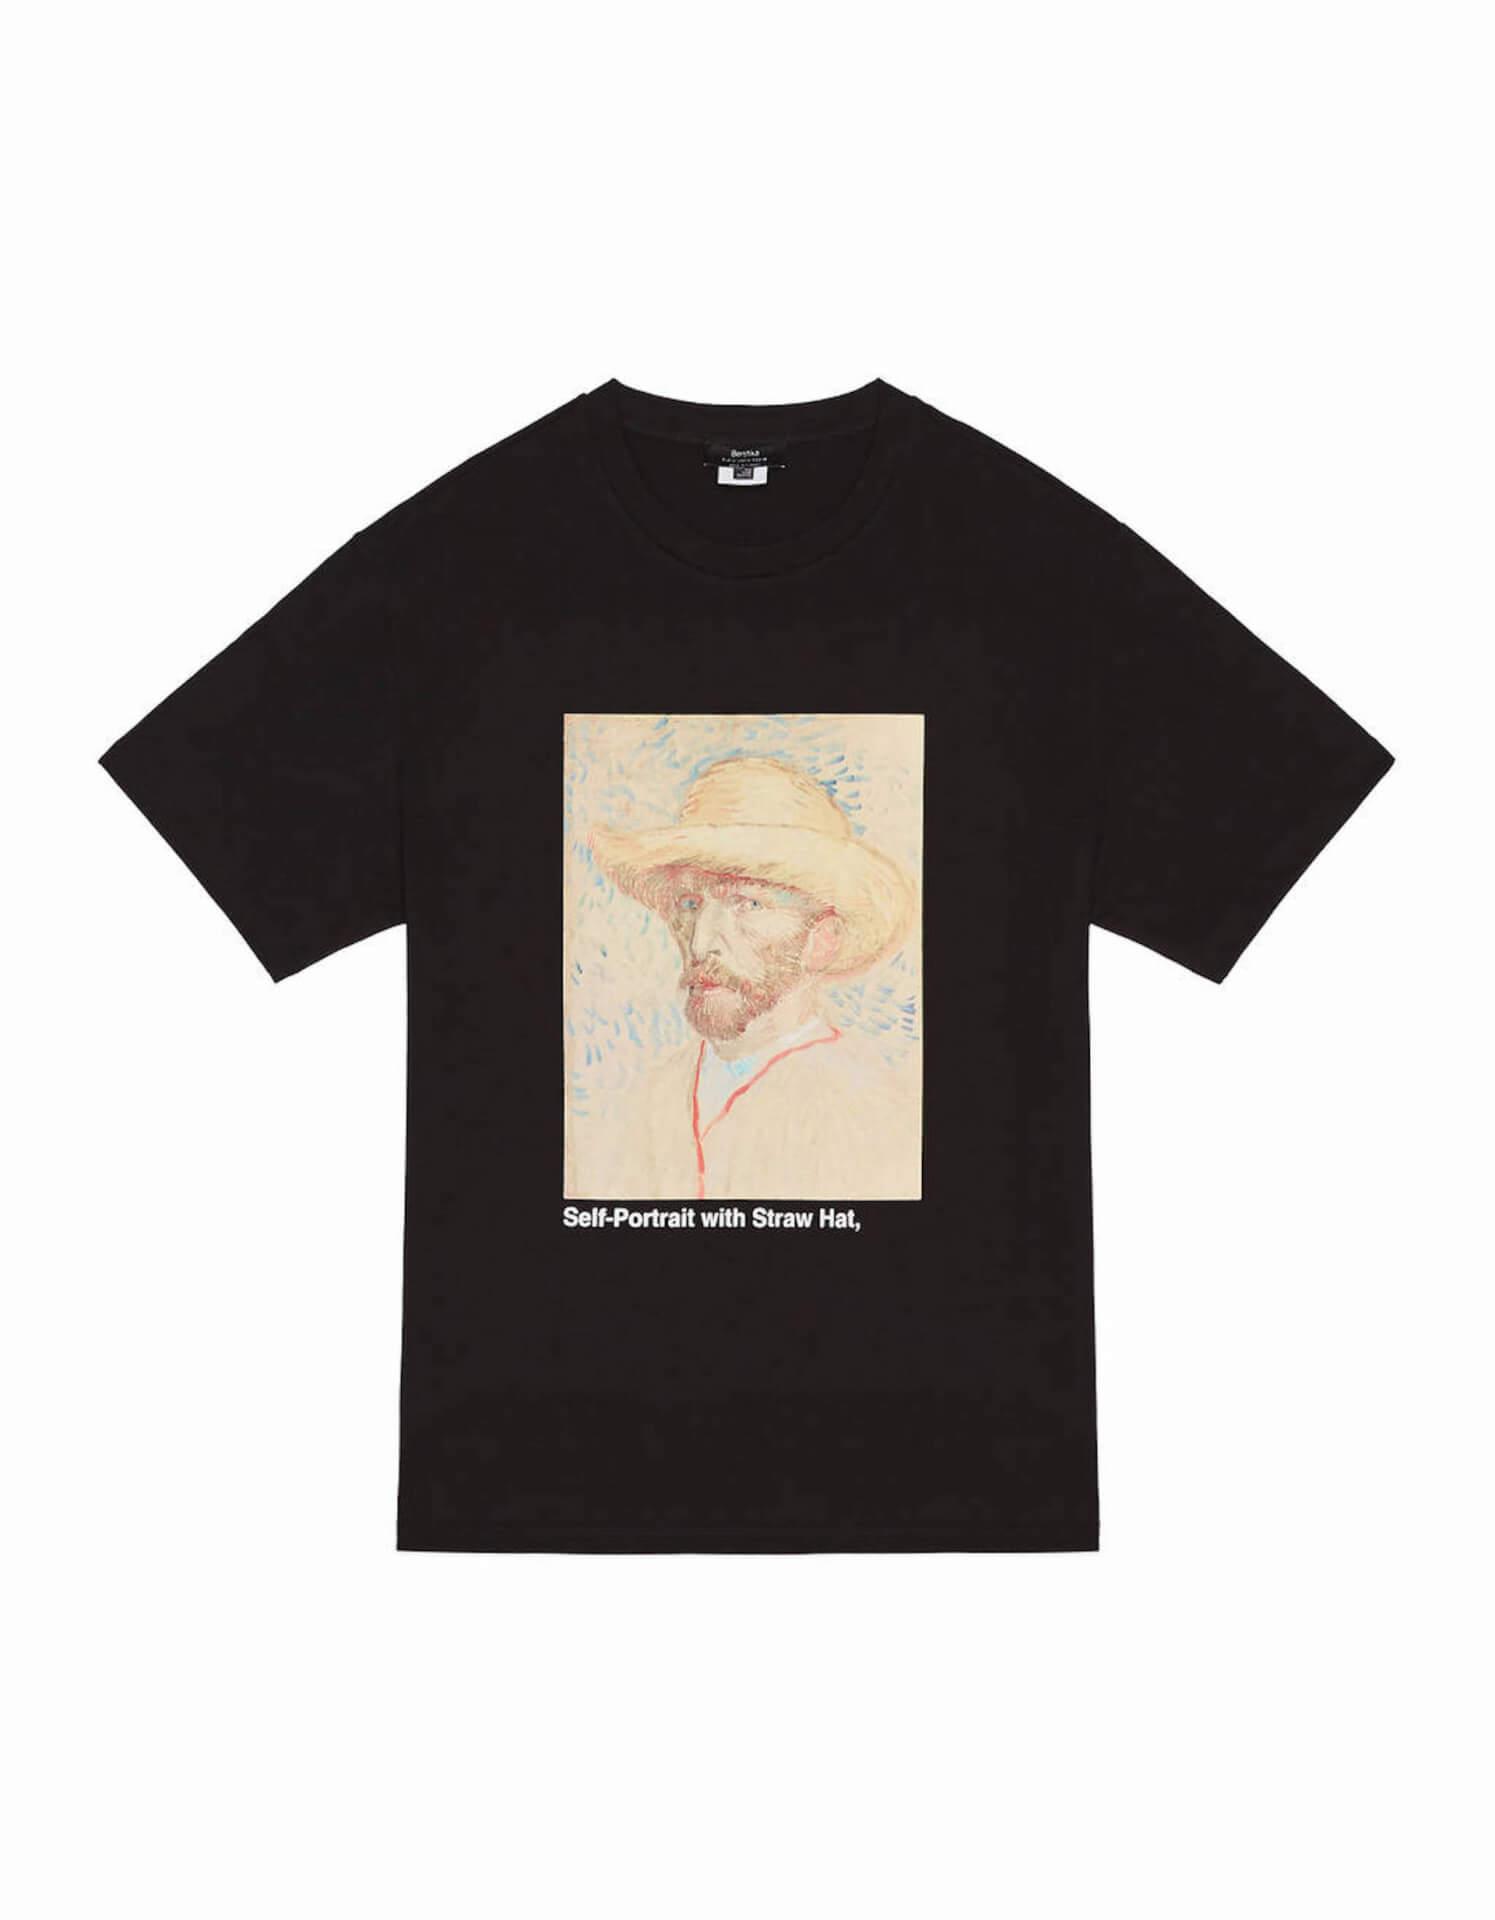 ゴッホ×Bershka 名作『ひまわり』や自画像をプリントしたスウェット、シャツが発売決定! lifefashion191017_bershkagogh_09